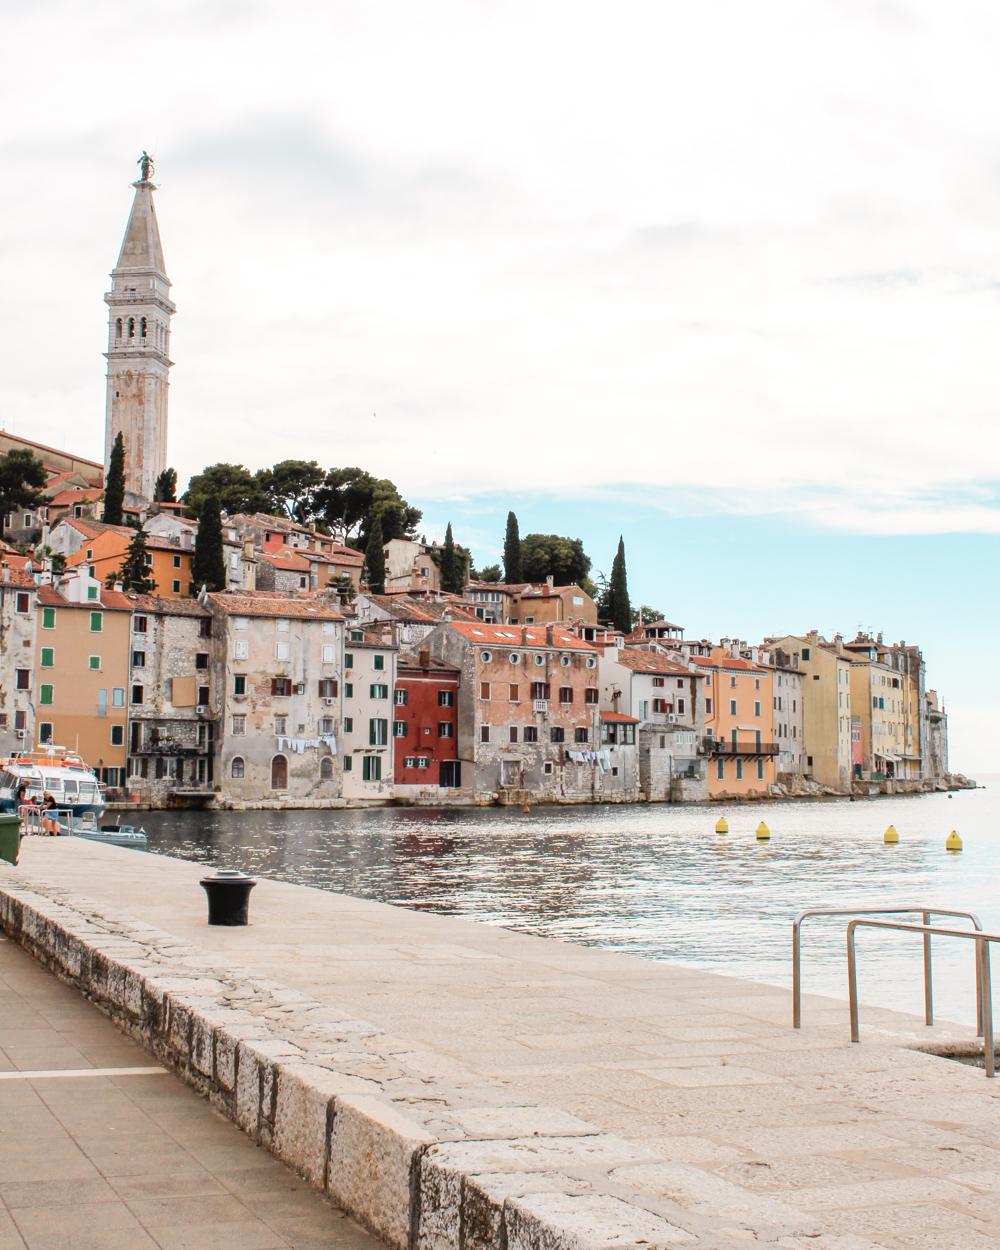 Travel guide to Rovinj, Croatia-4